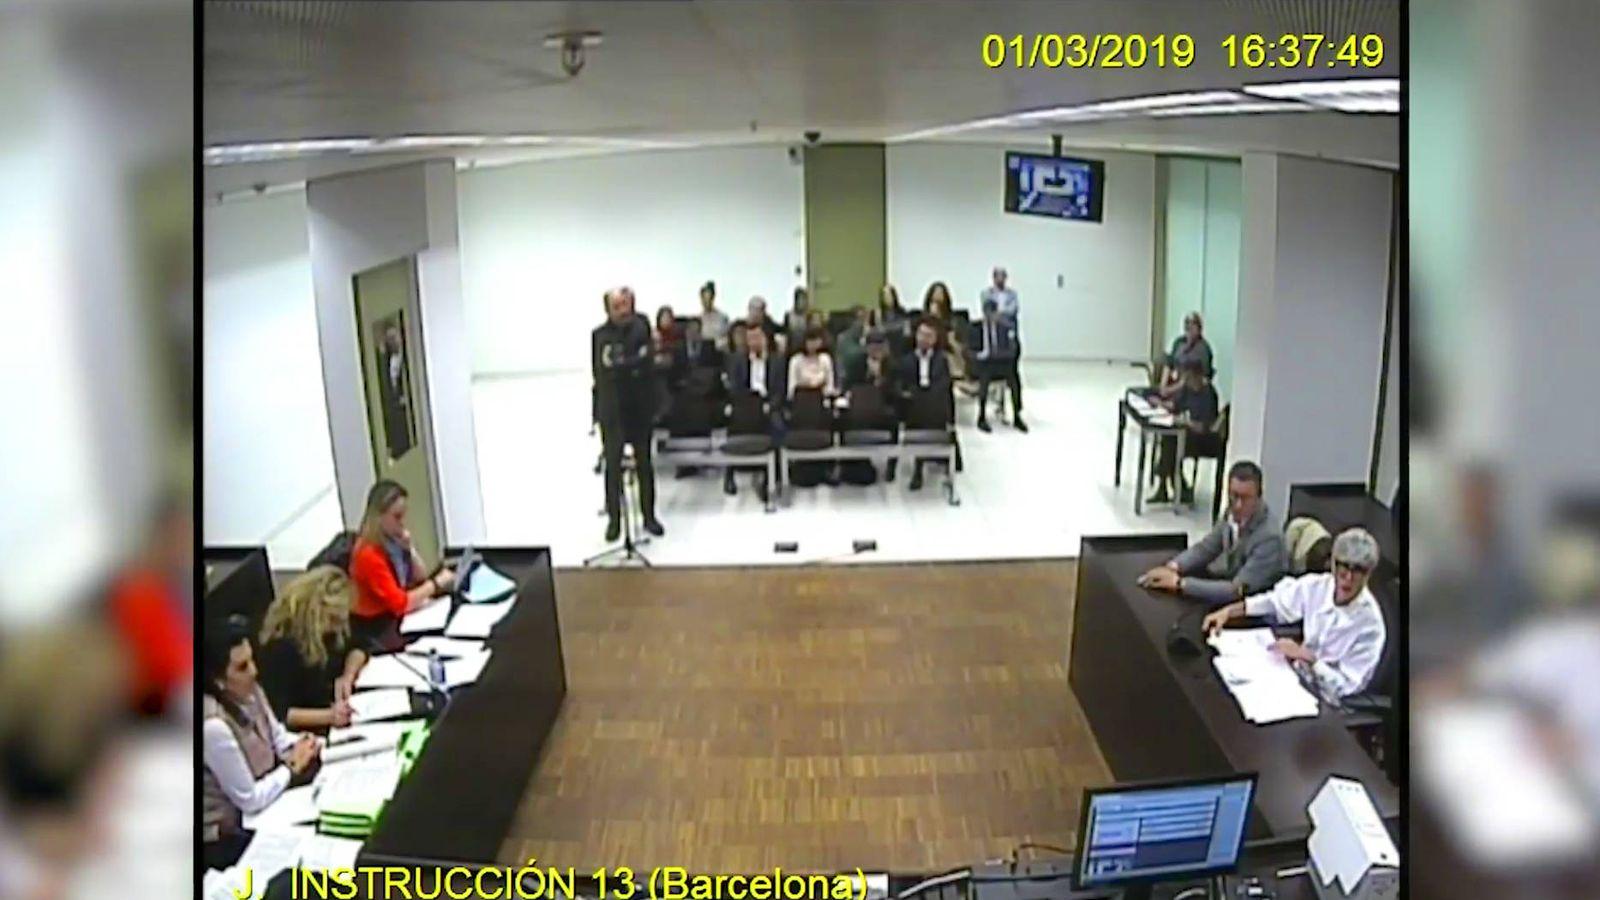 Foto: Vicente Sanchís, director de TV3, declarando en el juicio.